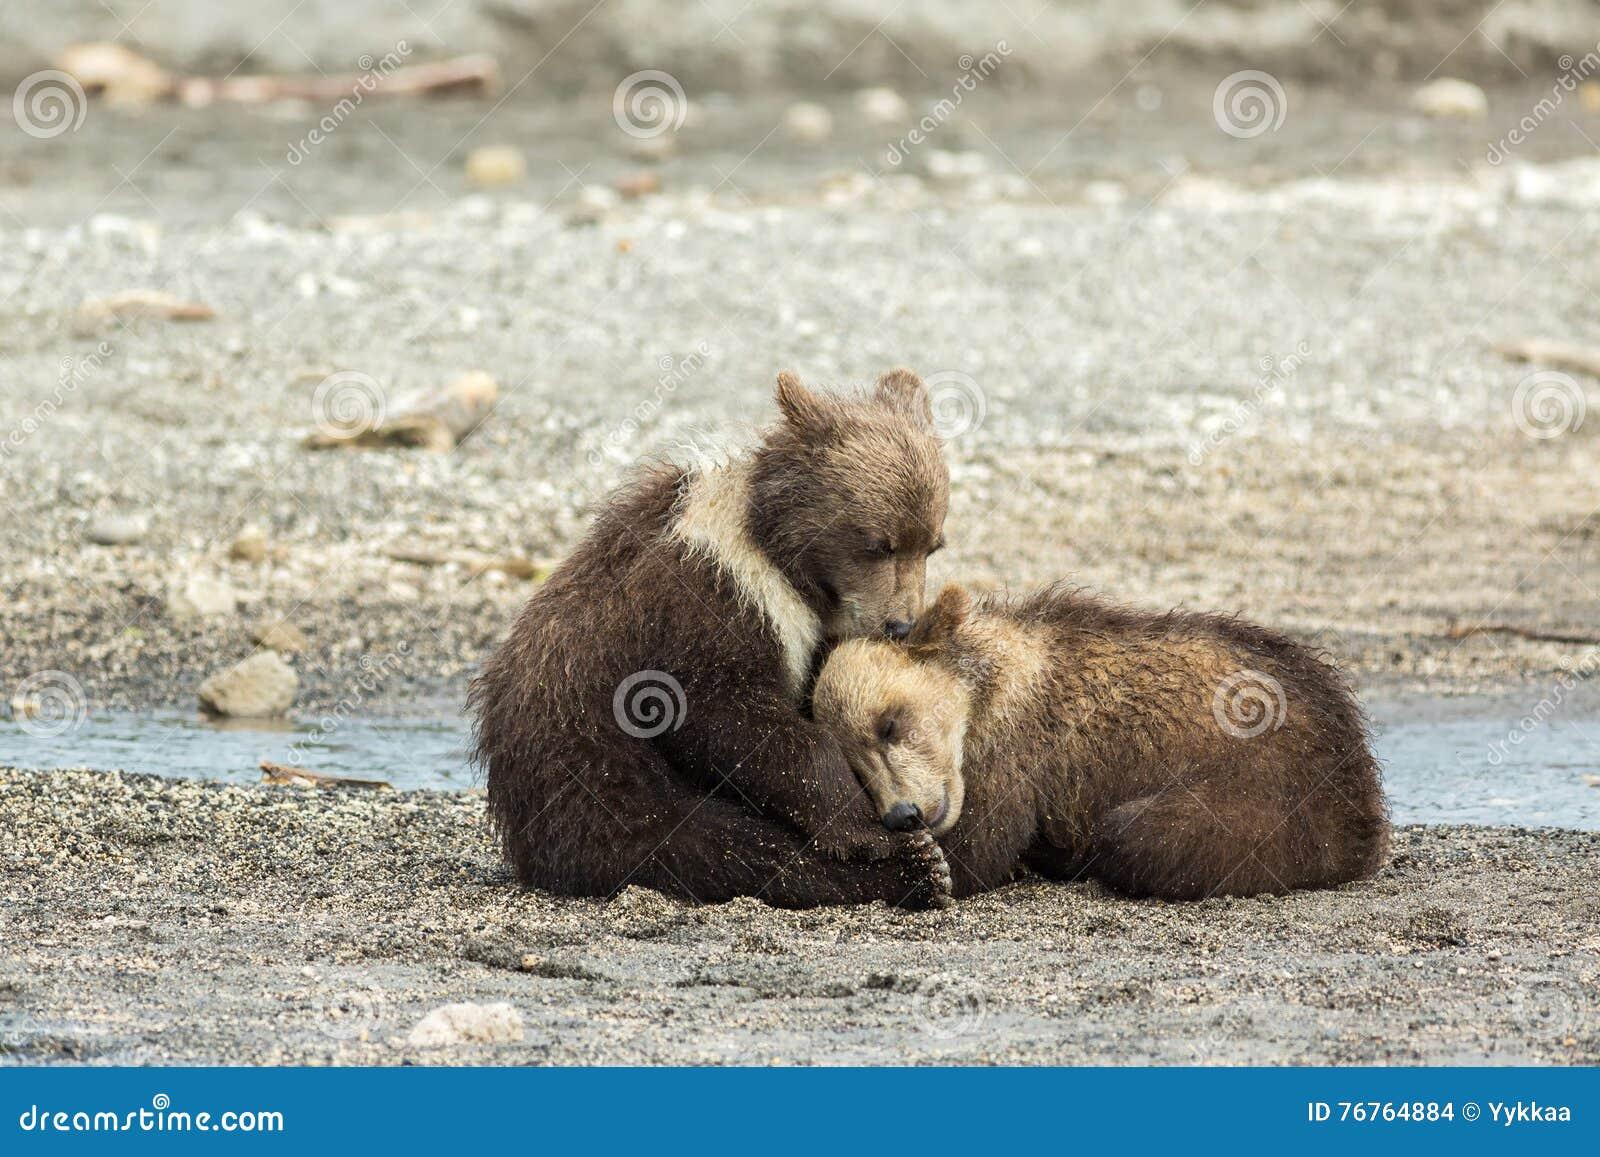 Cuccioli di orso bruno divertenti sulla riva del lago for Affitti cabina grande lago orso